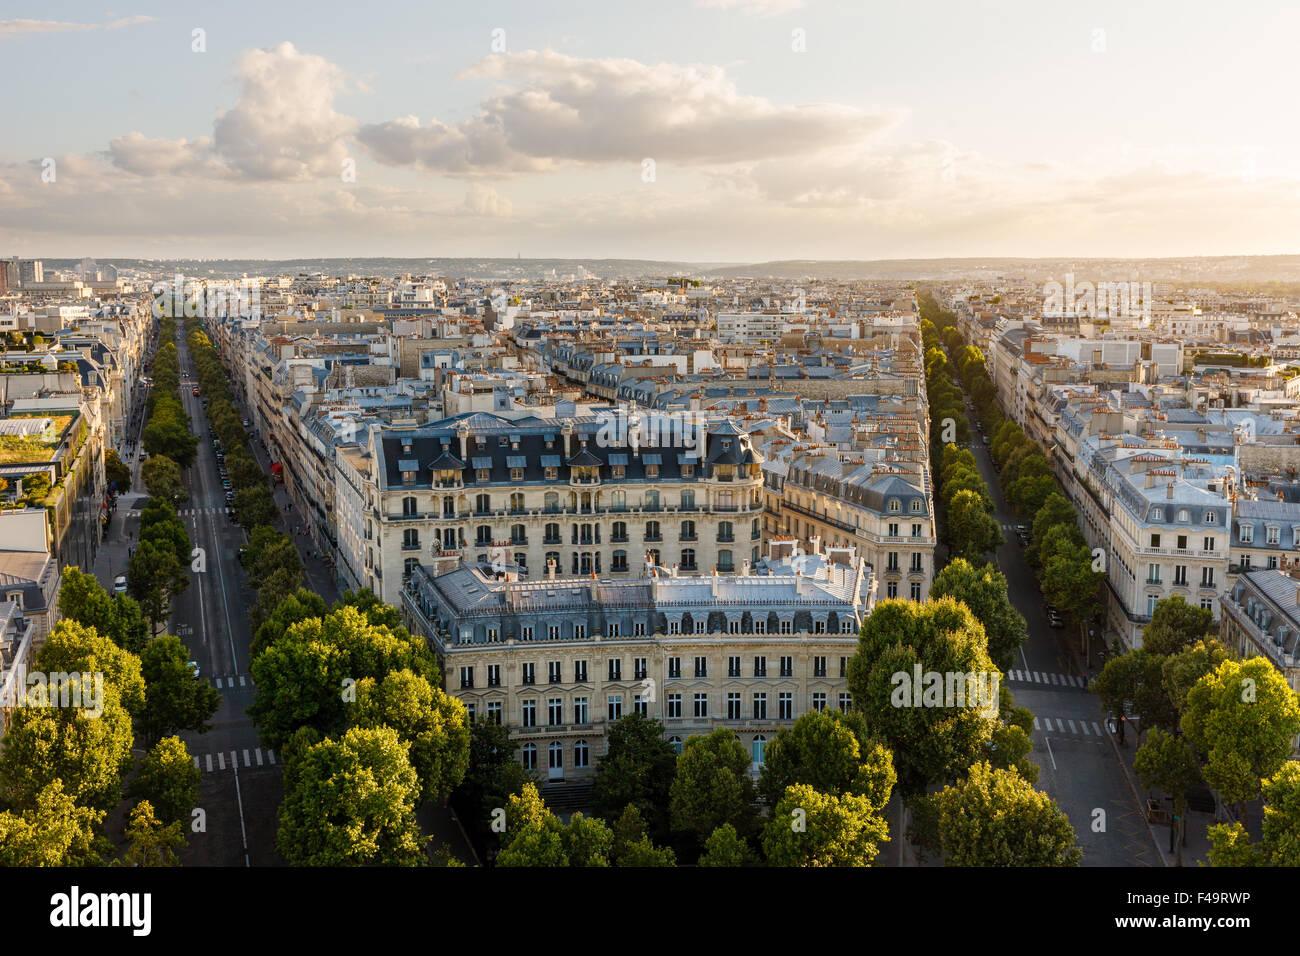 Vista aérea del 16º arrondissement de París, Francia. Vista de edificios de estilo haussmaniano y Imagen De Stock